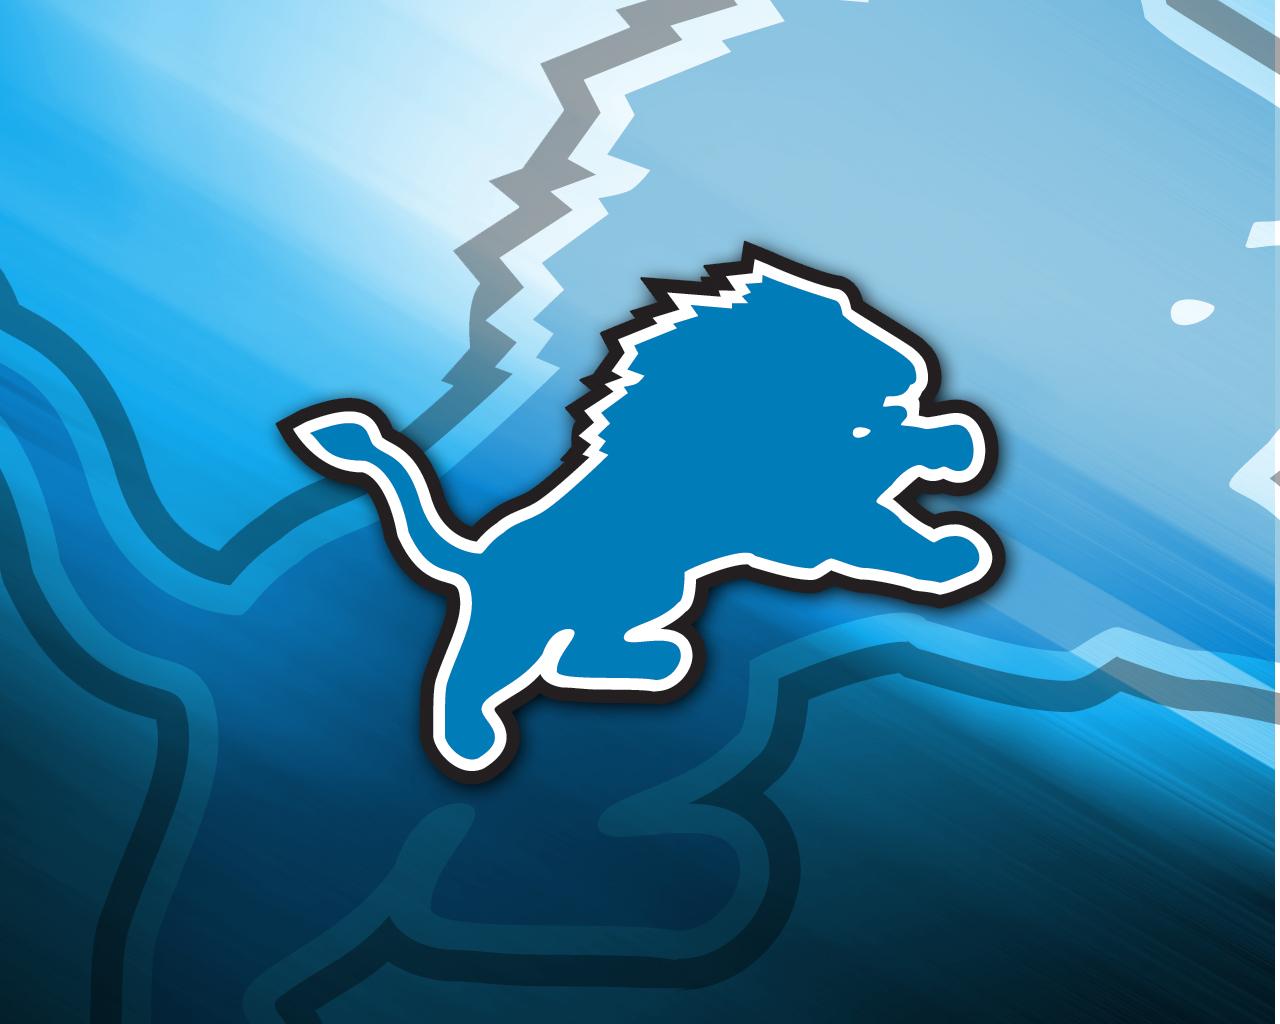 http://2.bp.blogspot.com/-Dn1gR68FoTc/TkPHa9lYR3I/AAAAAAAAACw/zQMAp0st4XI/s1600/NFL_detroit_lions_2.jpg